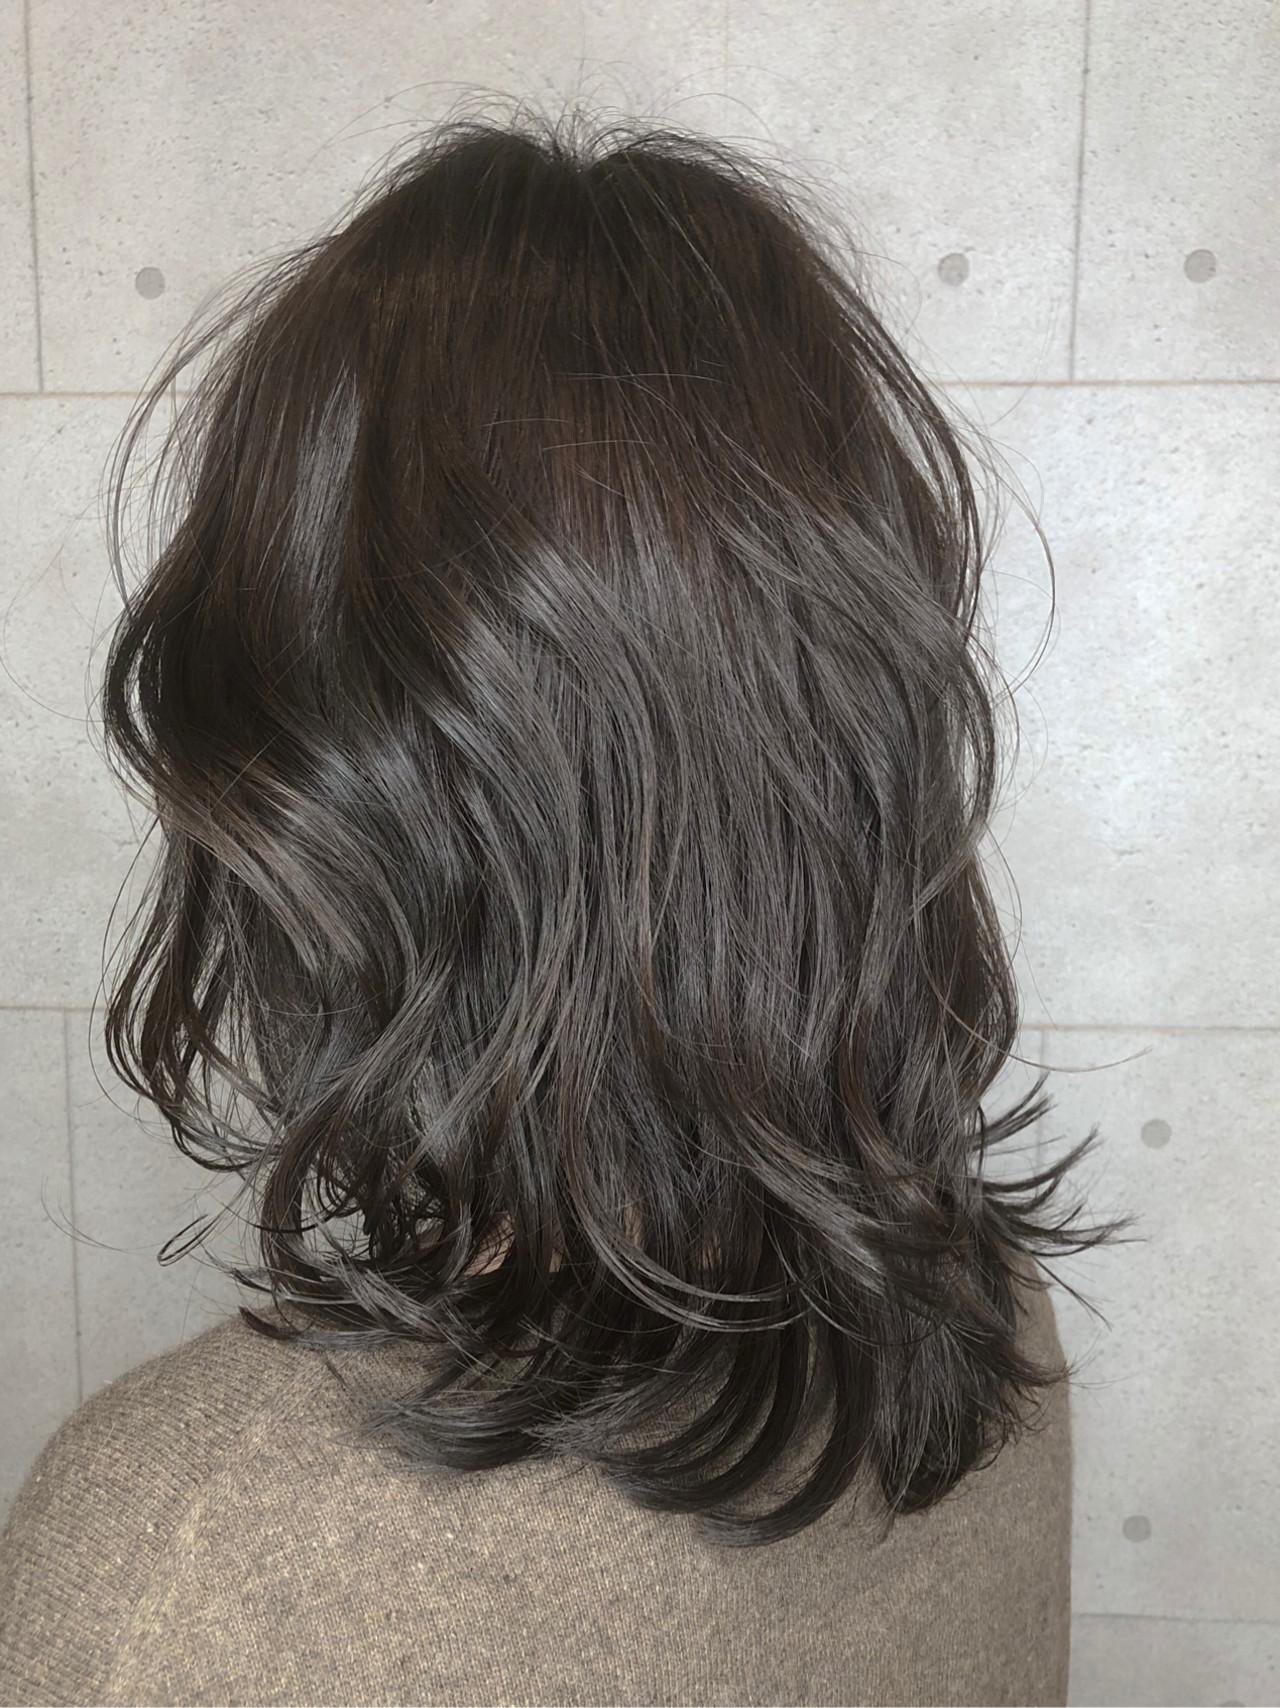 イルミナカラー ナチュラル セミロング グラデーションカラー ヘアスタイルや髪型の写真・画像